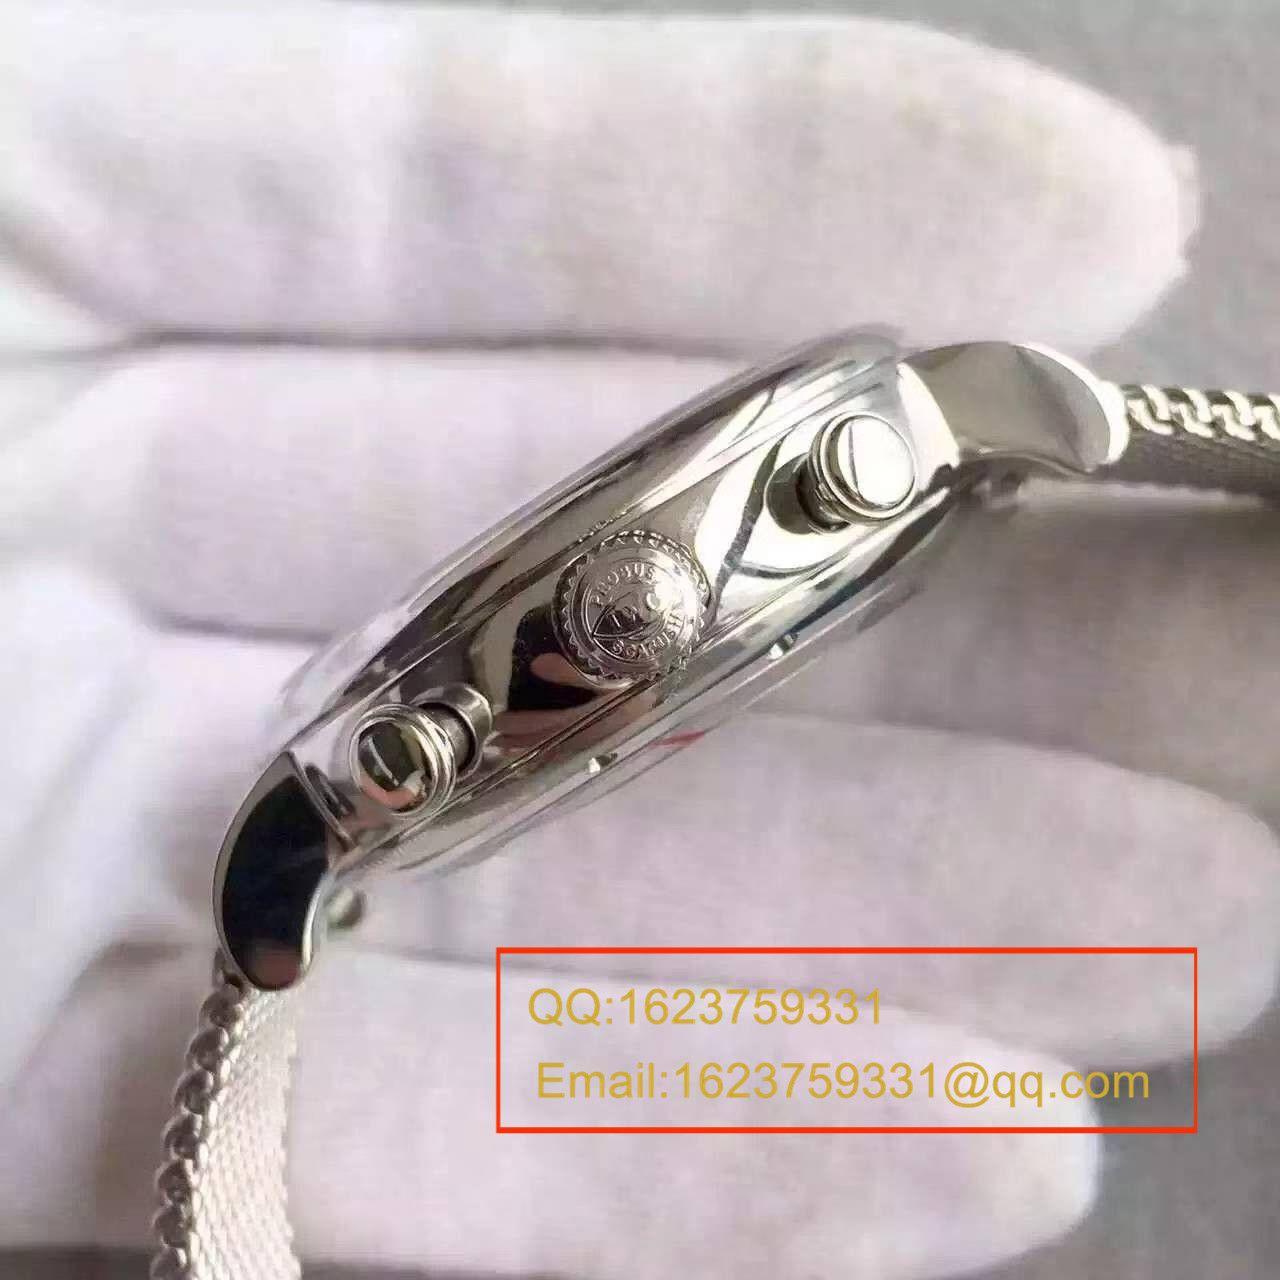 【MK一比一超A精仿手表】万国柏涛菲诺计时腕表系列 IW391010 男士手表 / WB0132